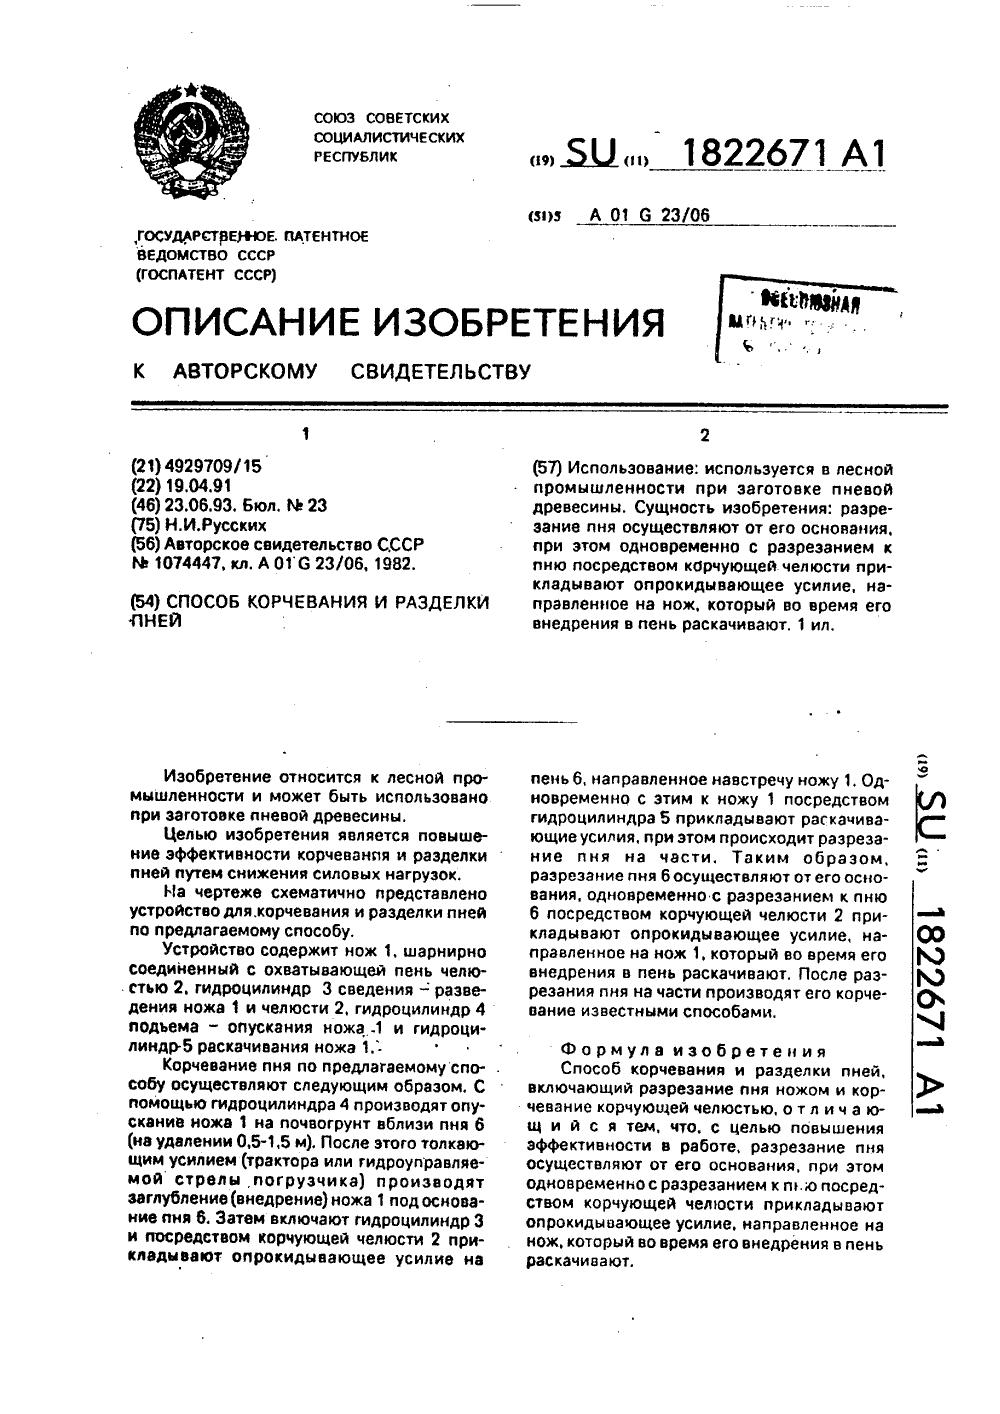 ПРОФЕССОР ШЕГЕЛЬМАН:СОВМЕЩЕНИЕ - Dizzaster